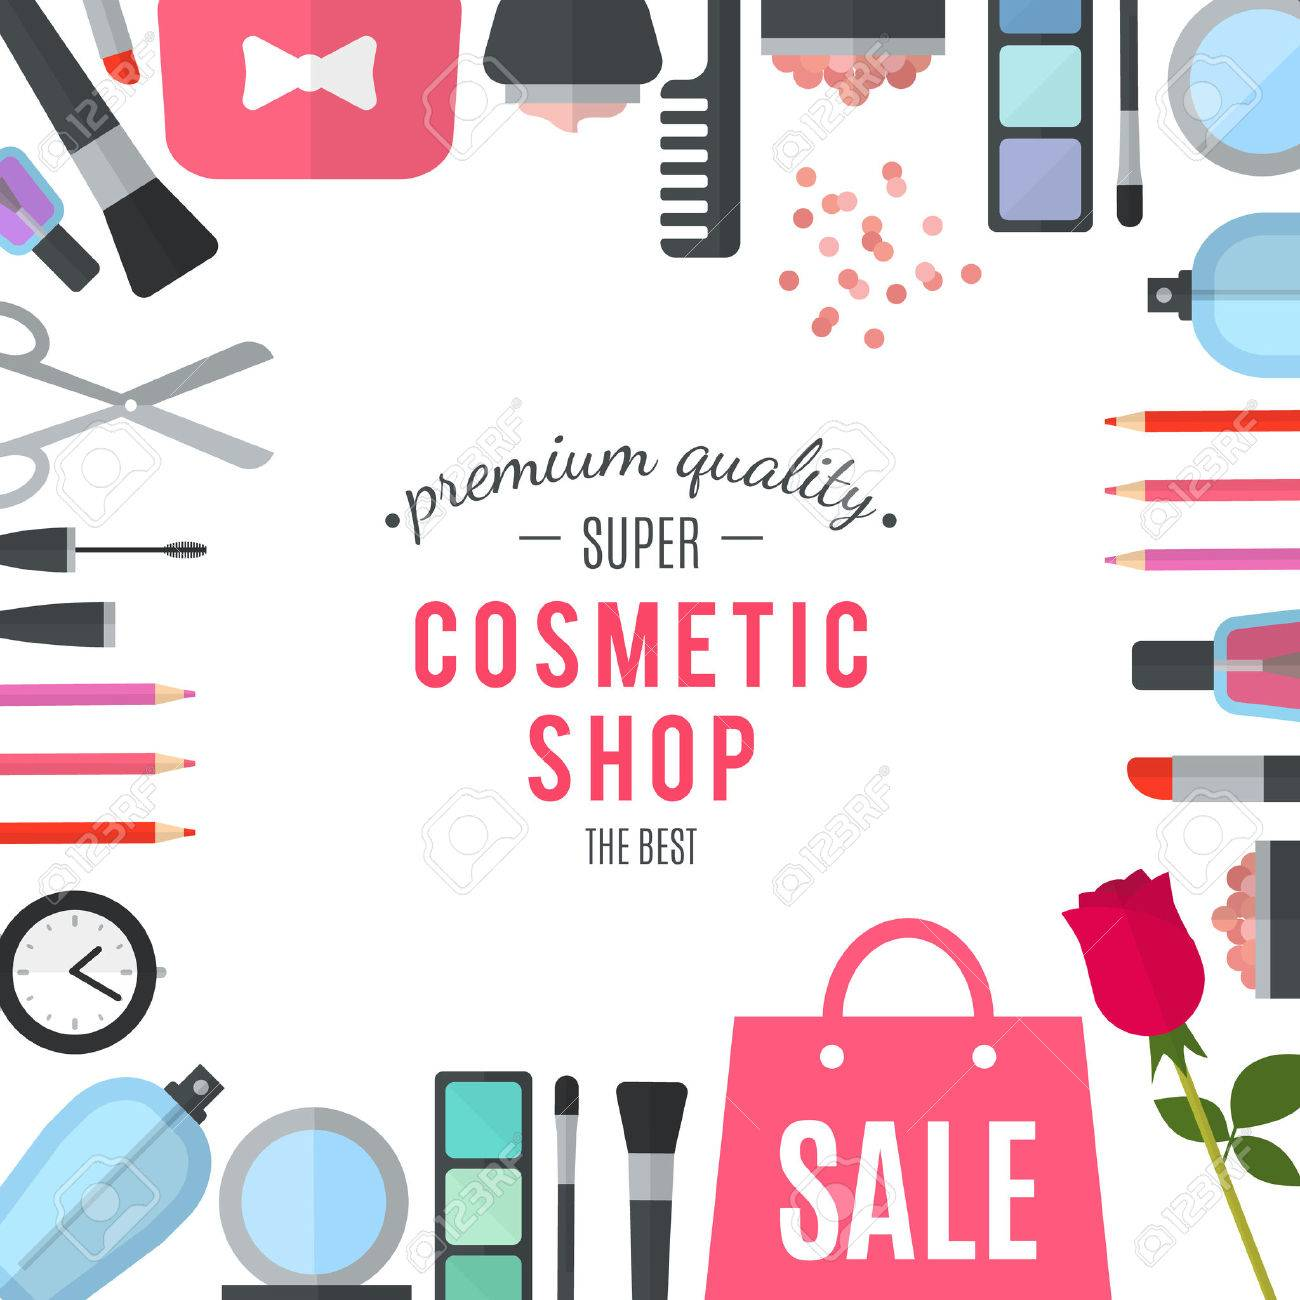 newest collection 21bff d0568 Professionale negozio di cosmetici di qualità. Mobile Donna shopping  online. Accessori e cosmetici. Gli acquisti in belle scatole avvolte.  negozio di ...